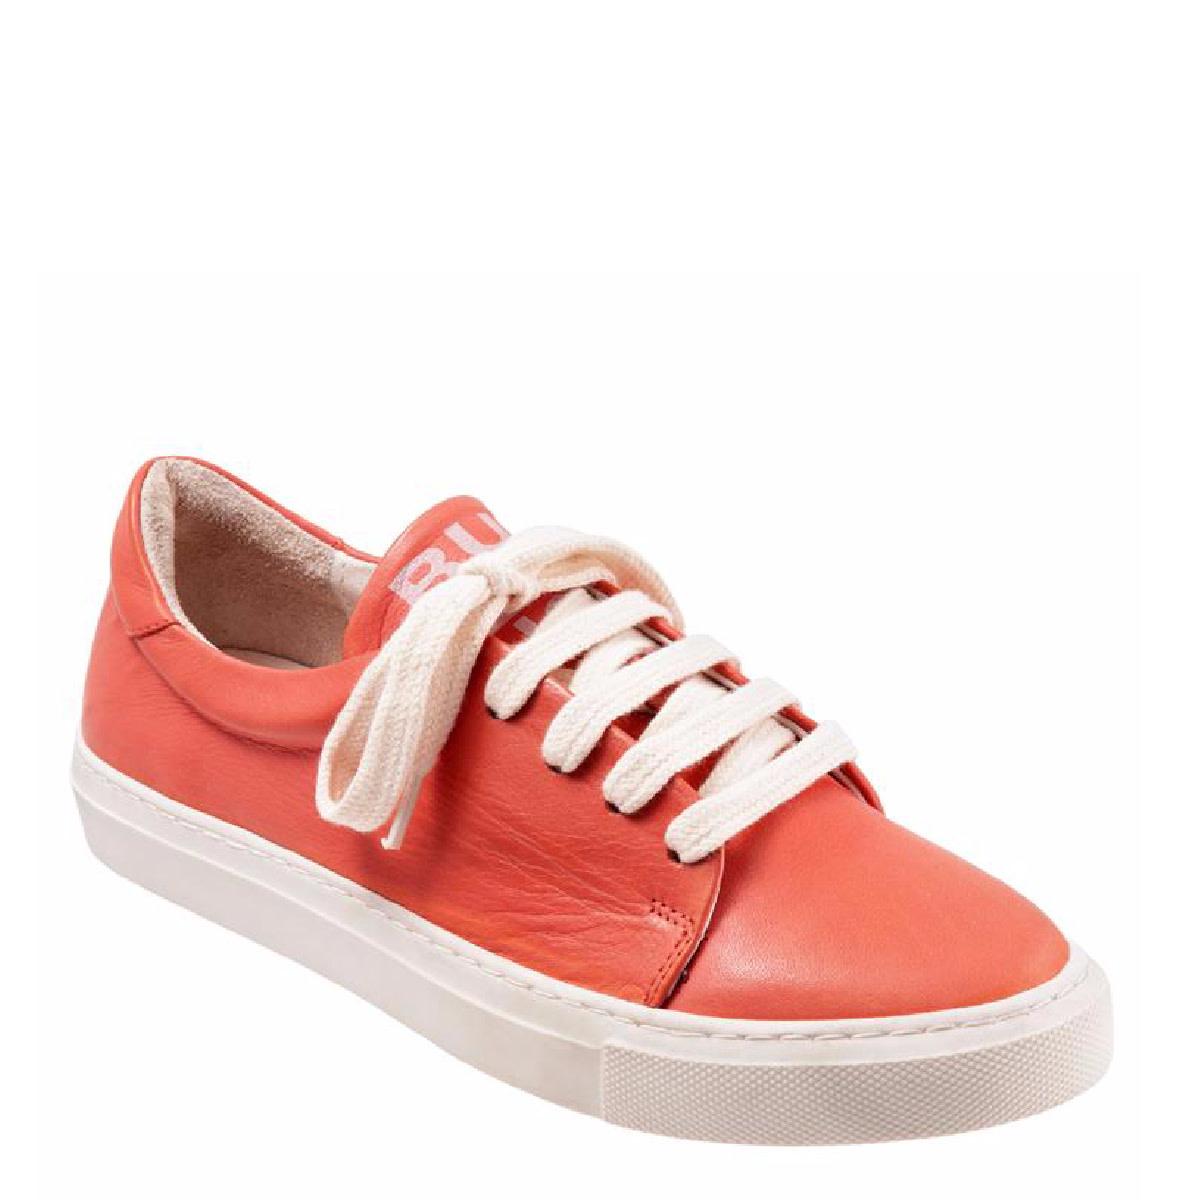 Bueno Bueno Rascal Sneaker Coral